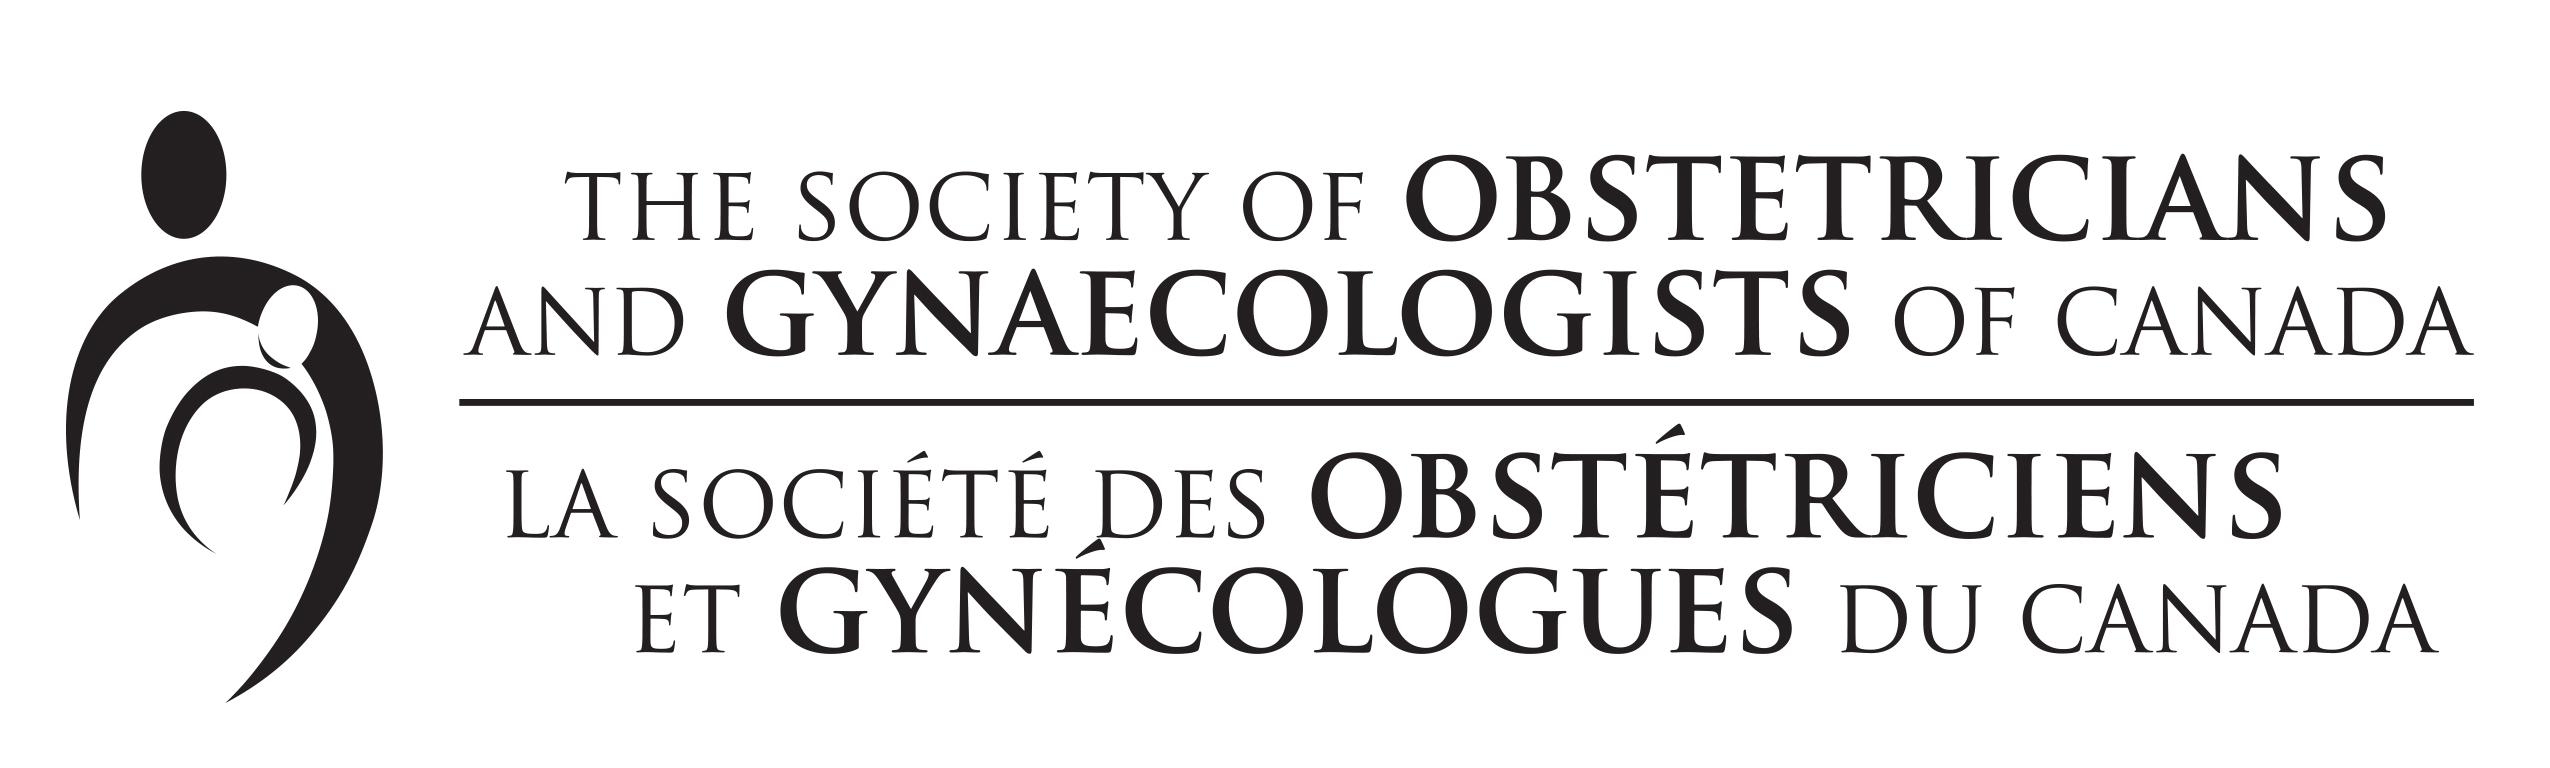 La Société des obstétriciens et gynécologues du Canada (SOGC) - Logo